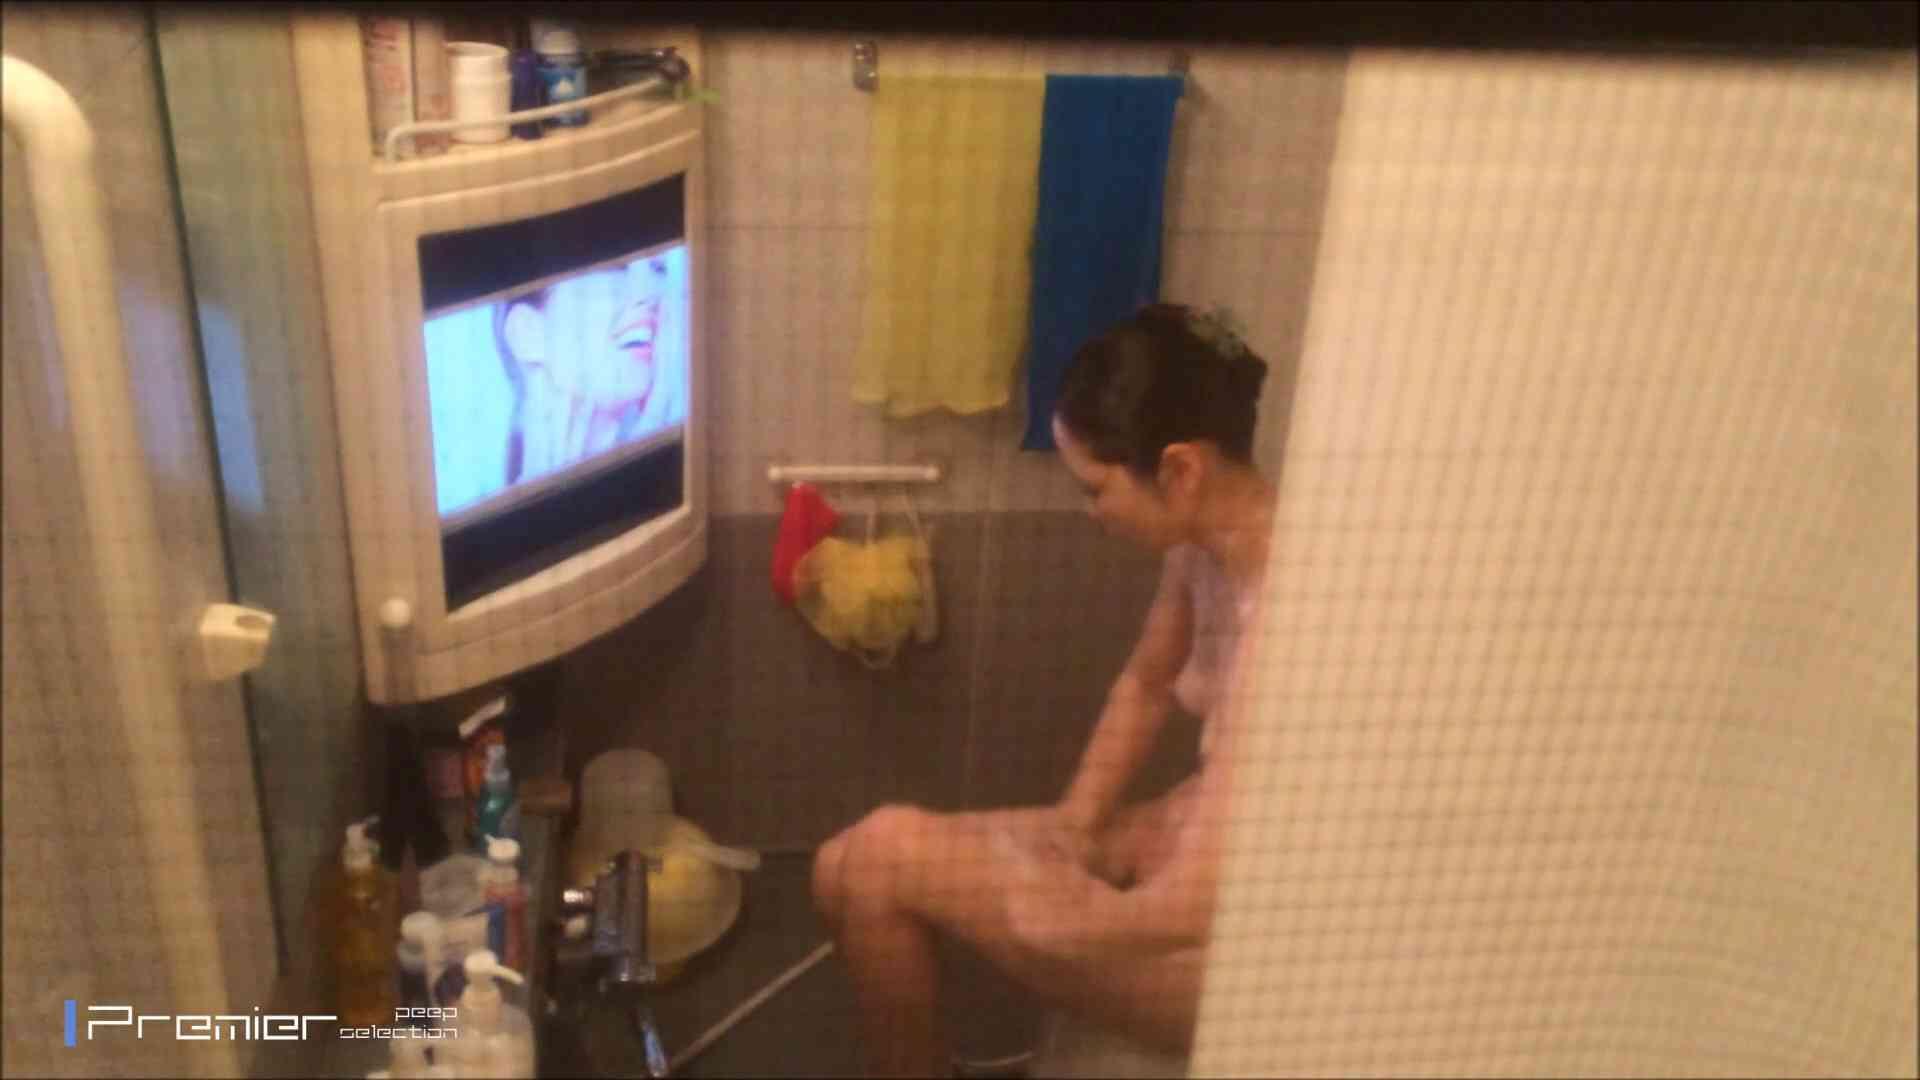 美女のテレビを見ながらの入浴 乙女の風呂場 Vol.21 美女 隠し撮りセックス画像 30pic 21